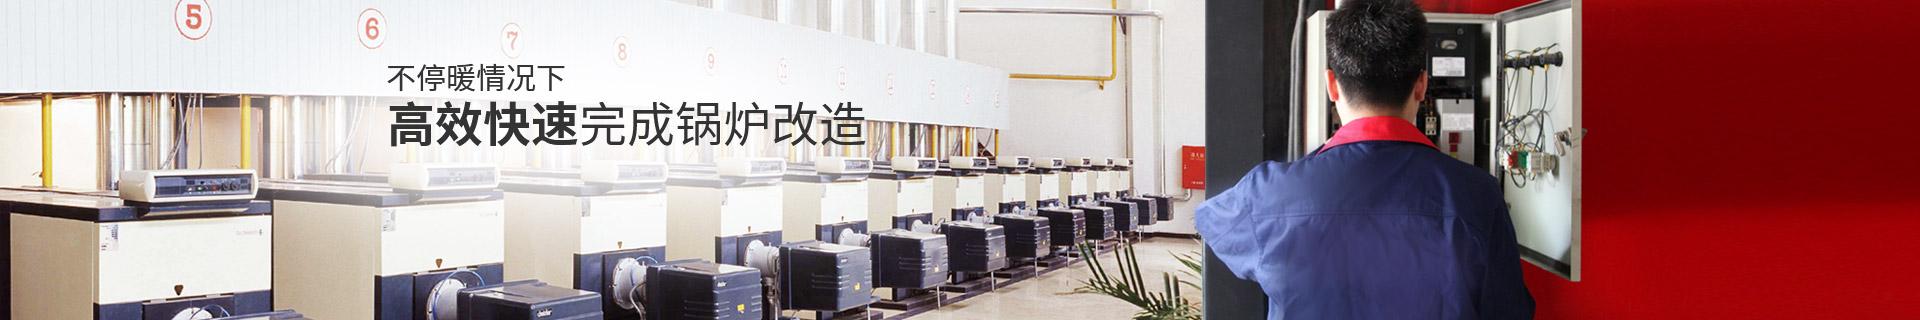 东方永捷高效快速完成锅炉改造